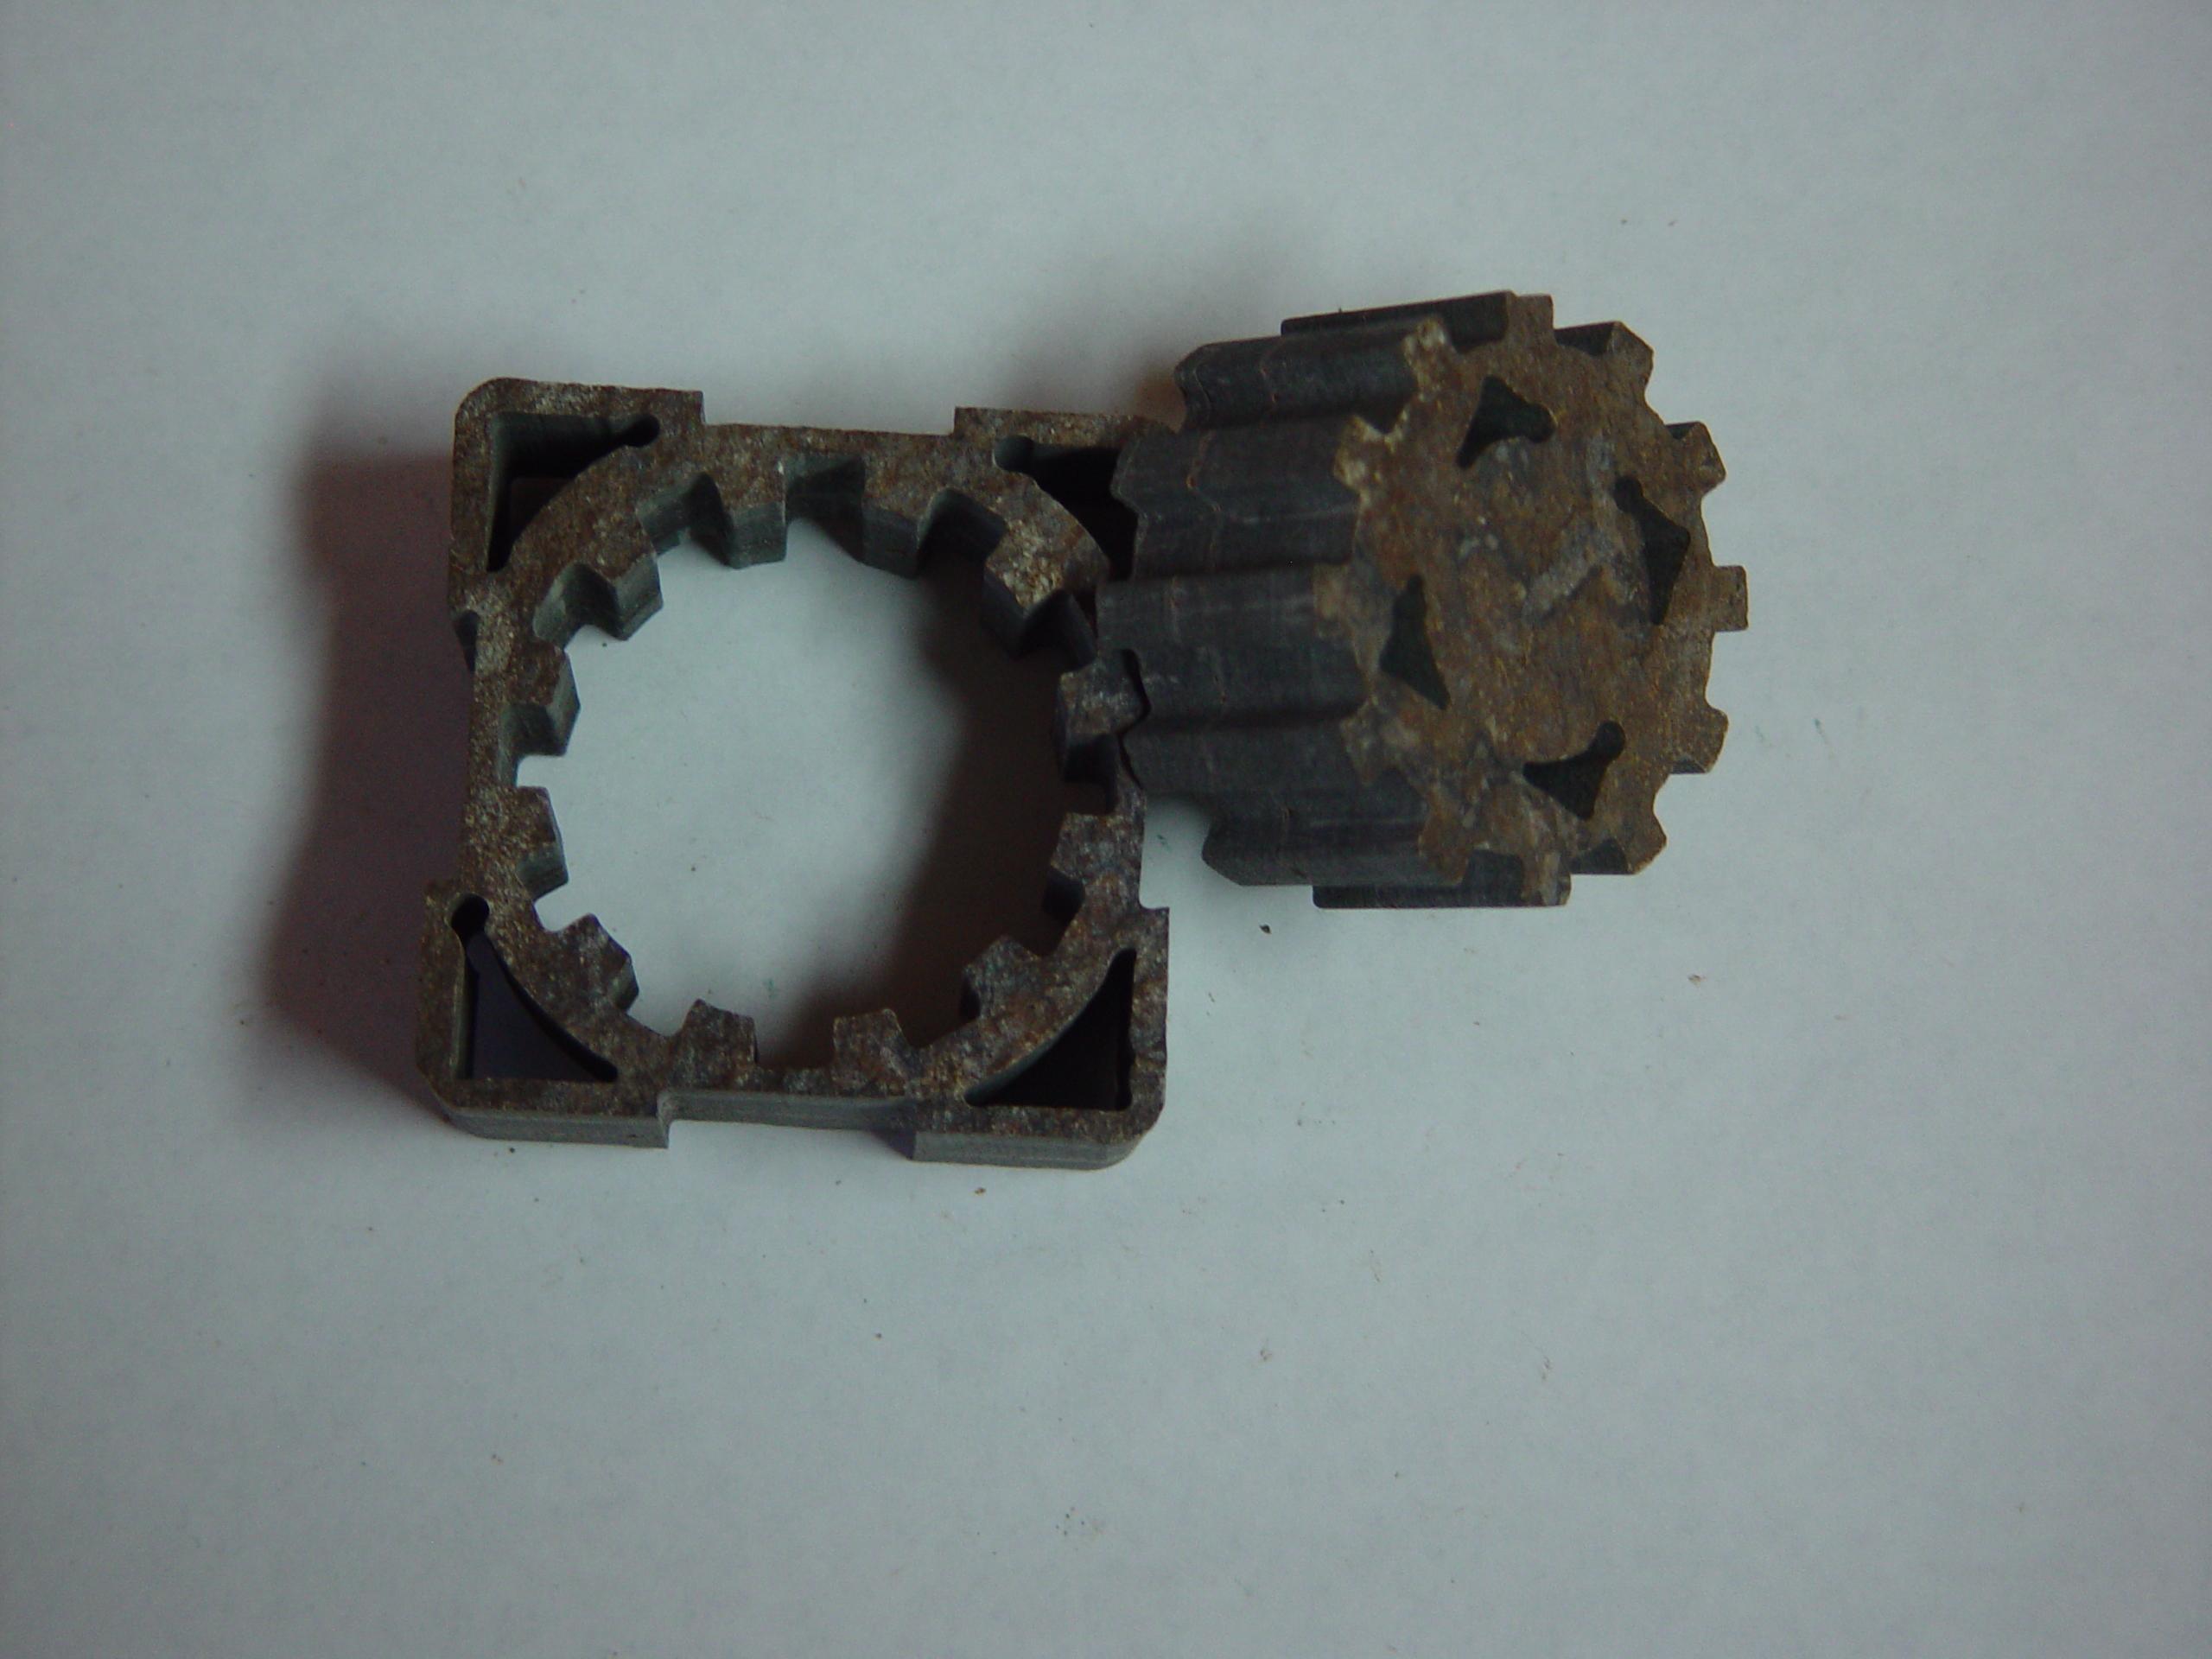 Stone gears